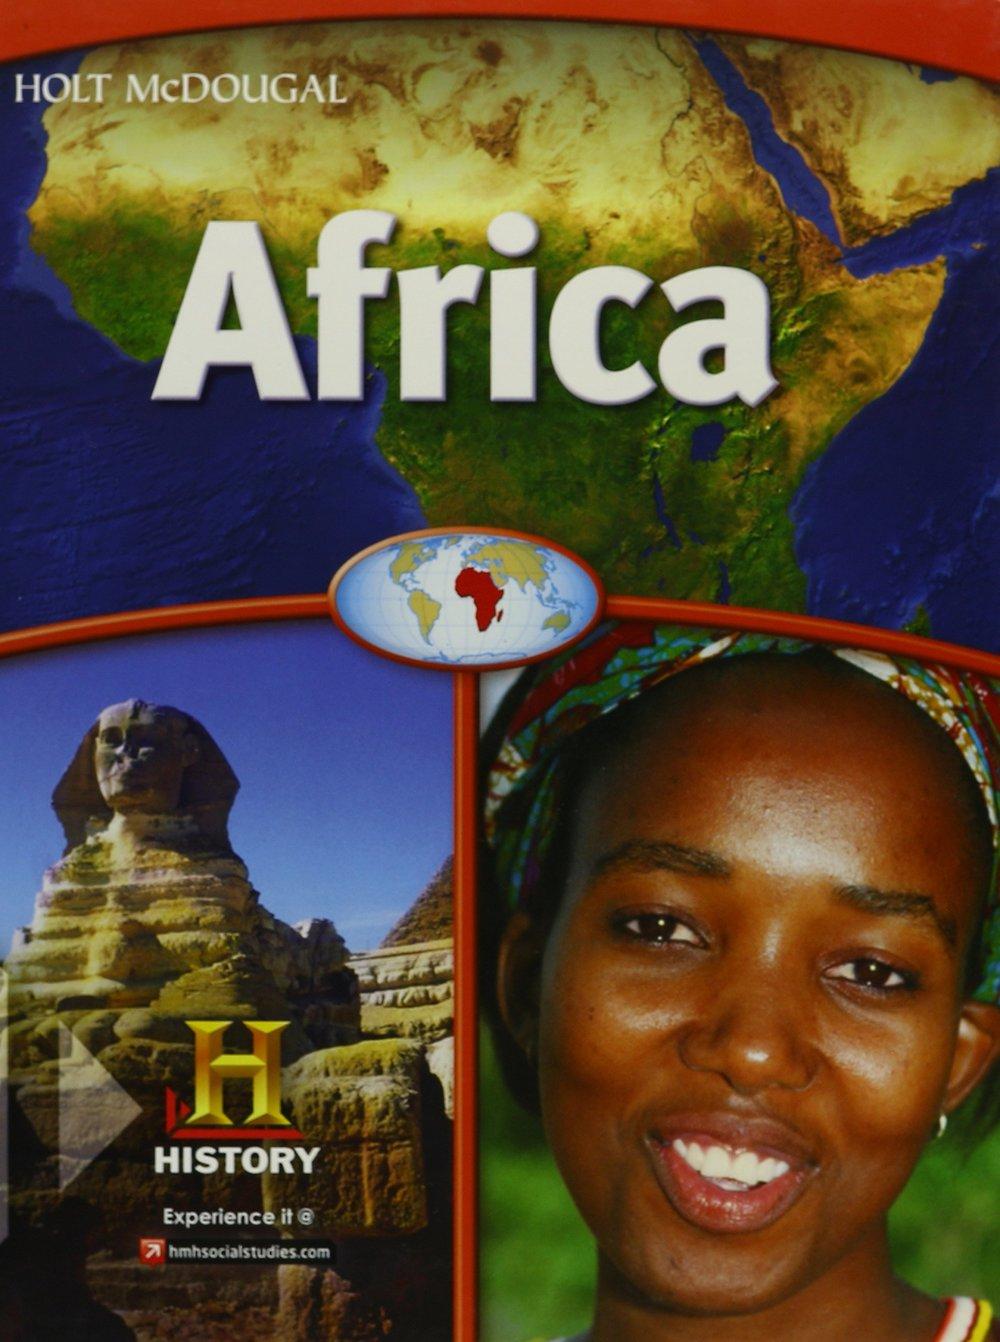 Books Holt McDougal 03 Africa.jpg